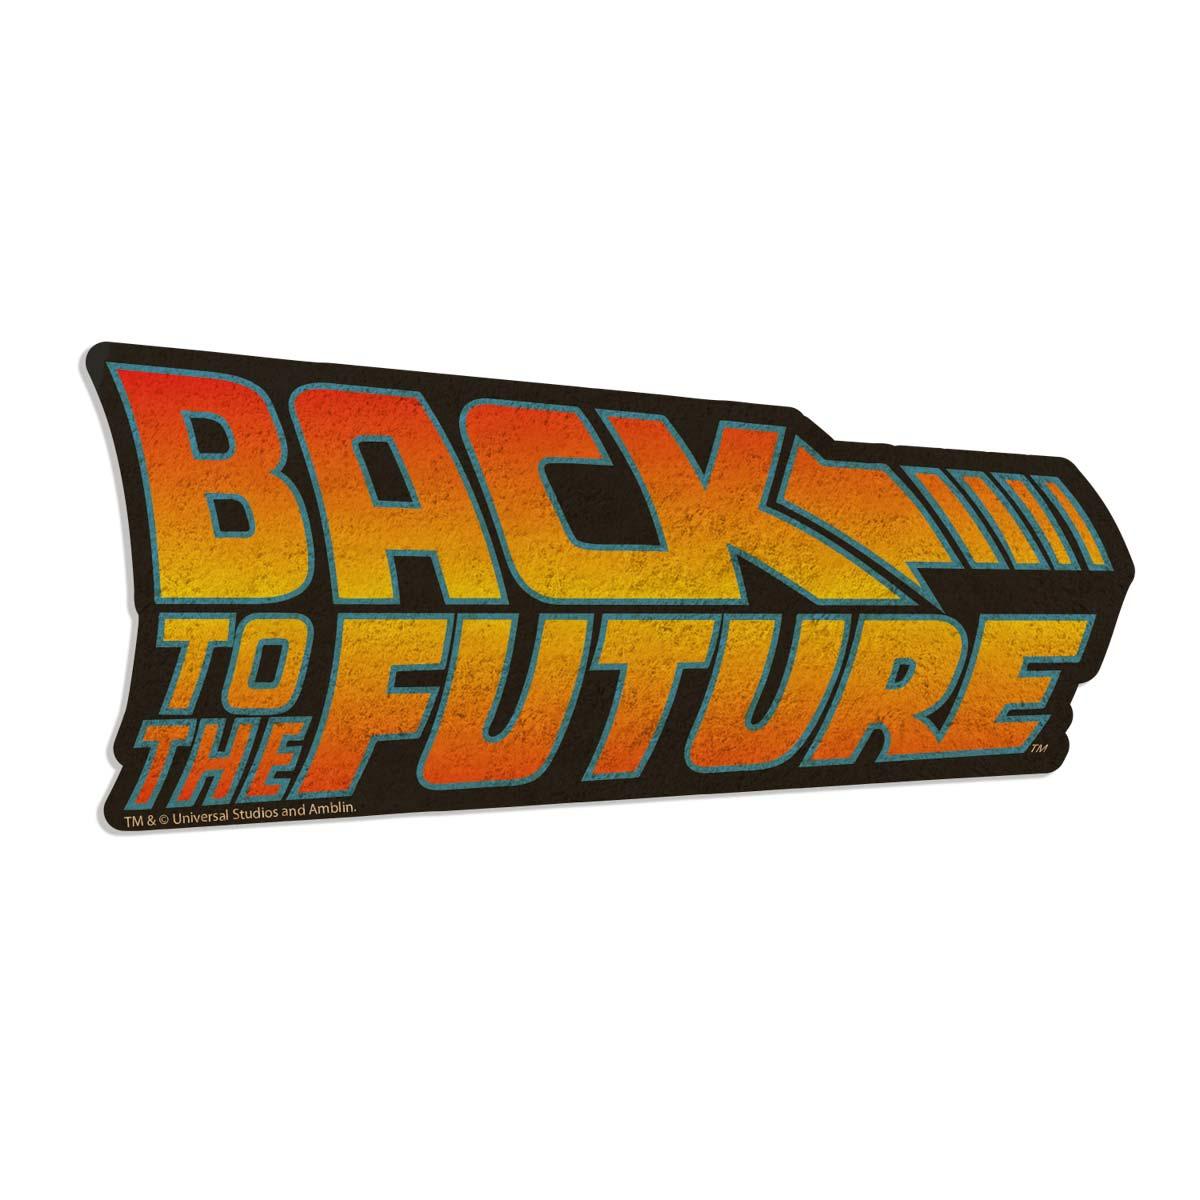 Capacho de Fibra de Coco com o logo do filme que marcou os anos 80 e 90 no Brasil, De Volta para o Futuro ou Back To The Future, como é escrito no capacho.